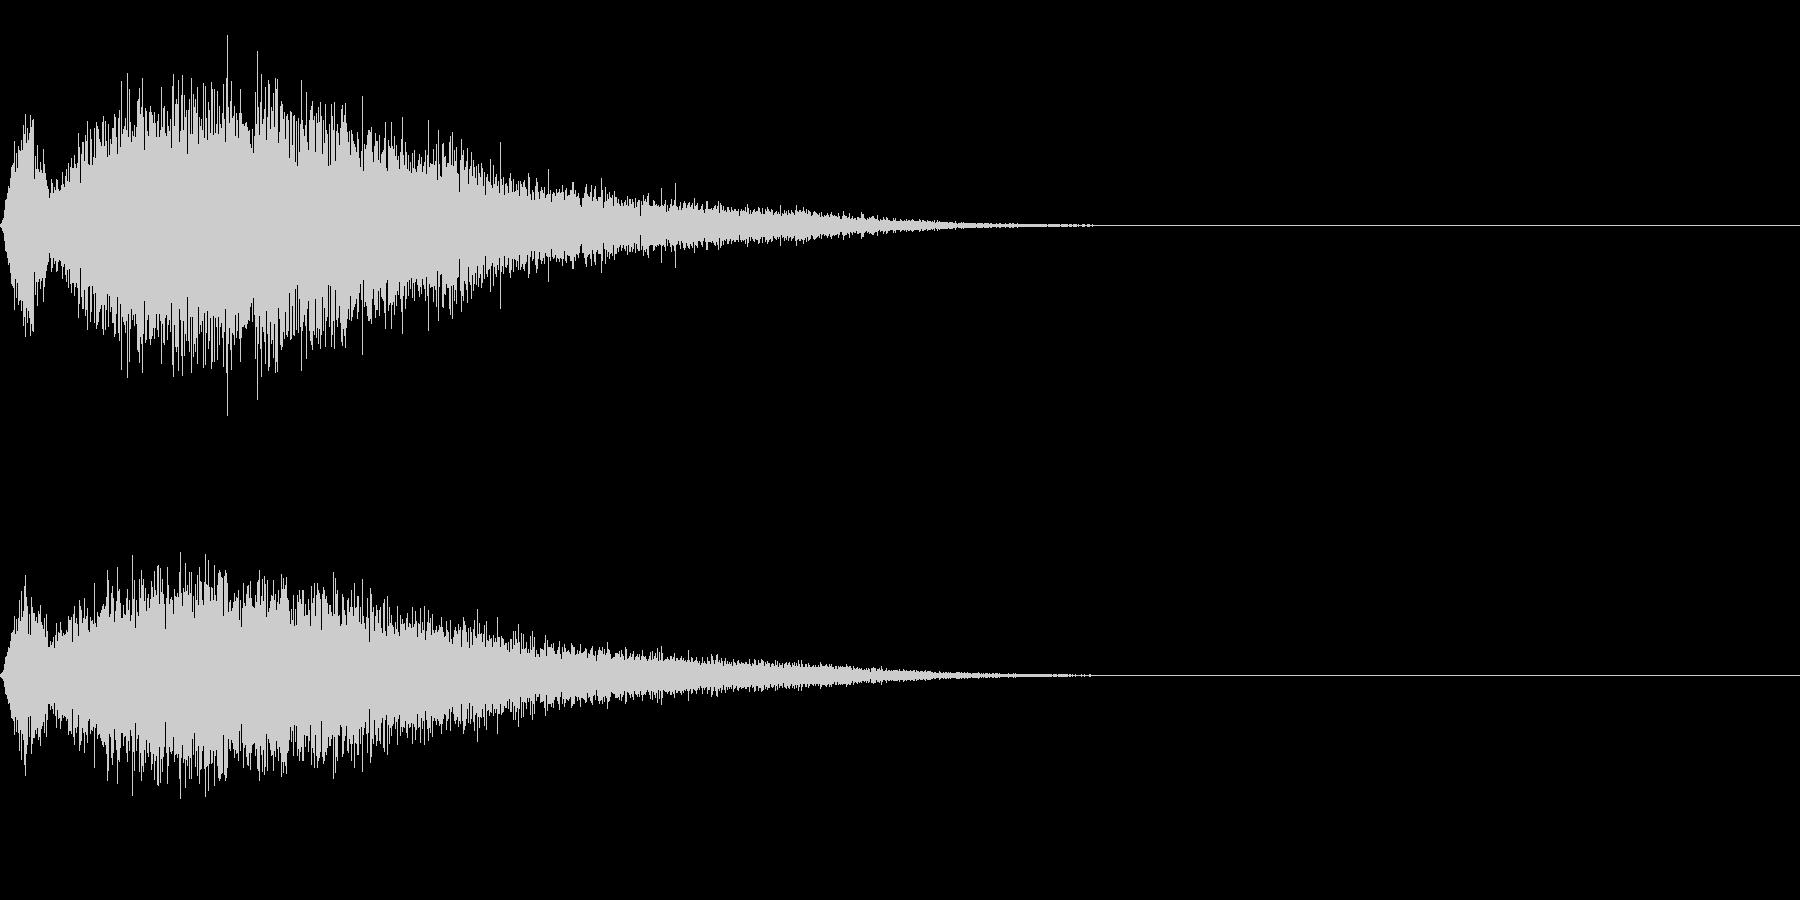 シュー(空気、蒸気、ガス)その2の未再生の波形